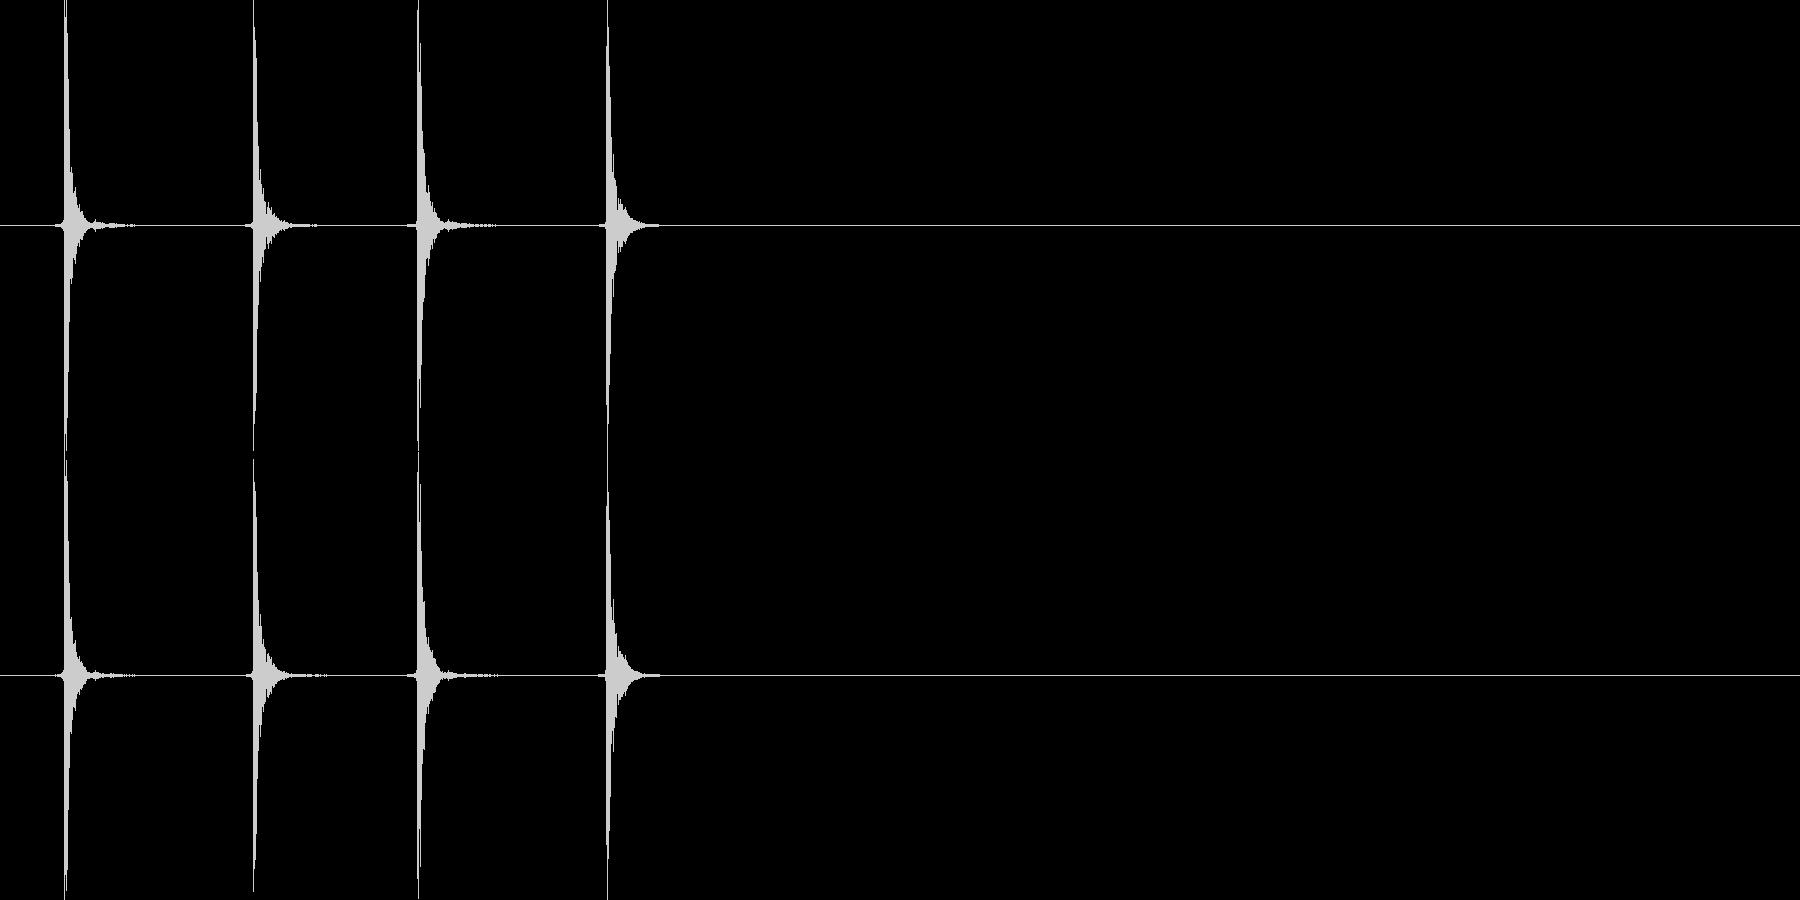 カチカチ_マウス_クリック_02の未再生の波形